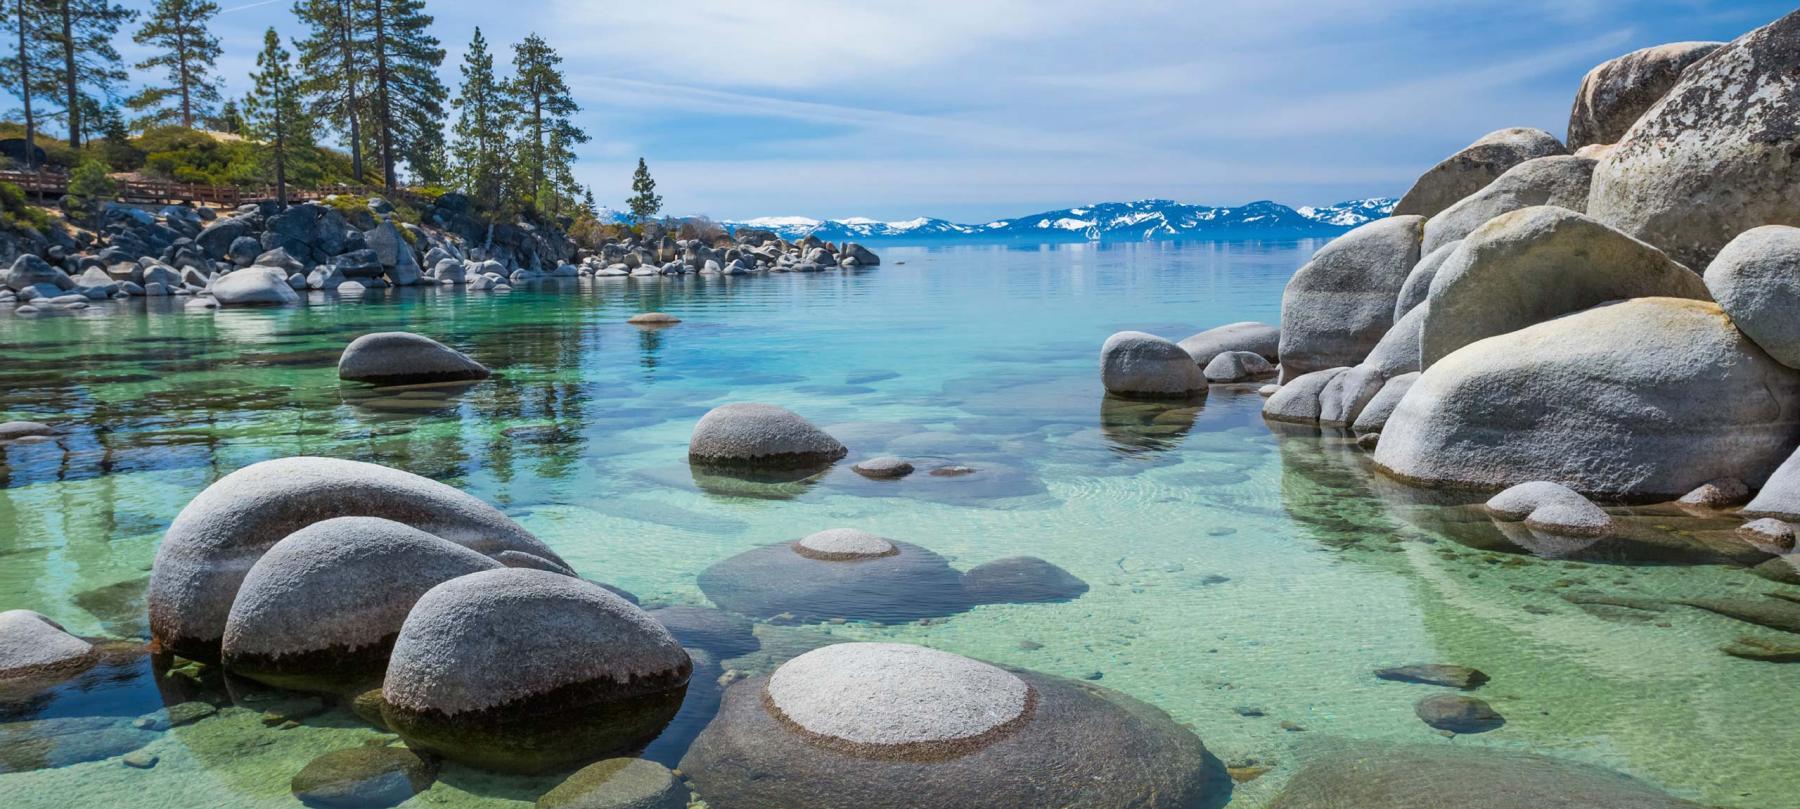 Lake Tahoe Placeholder